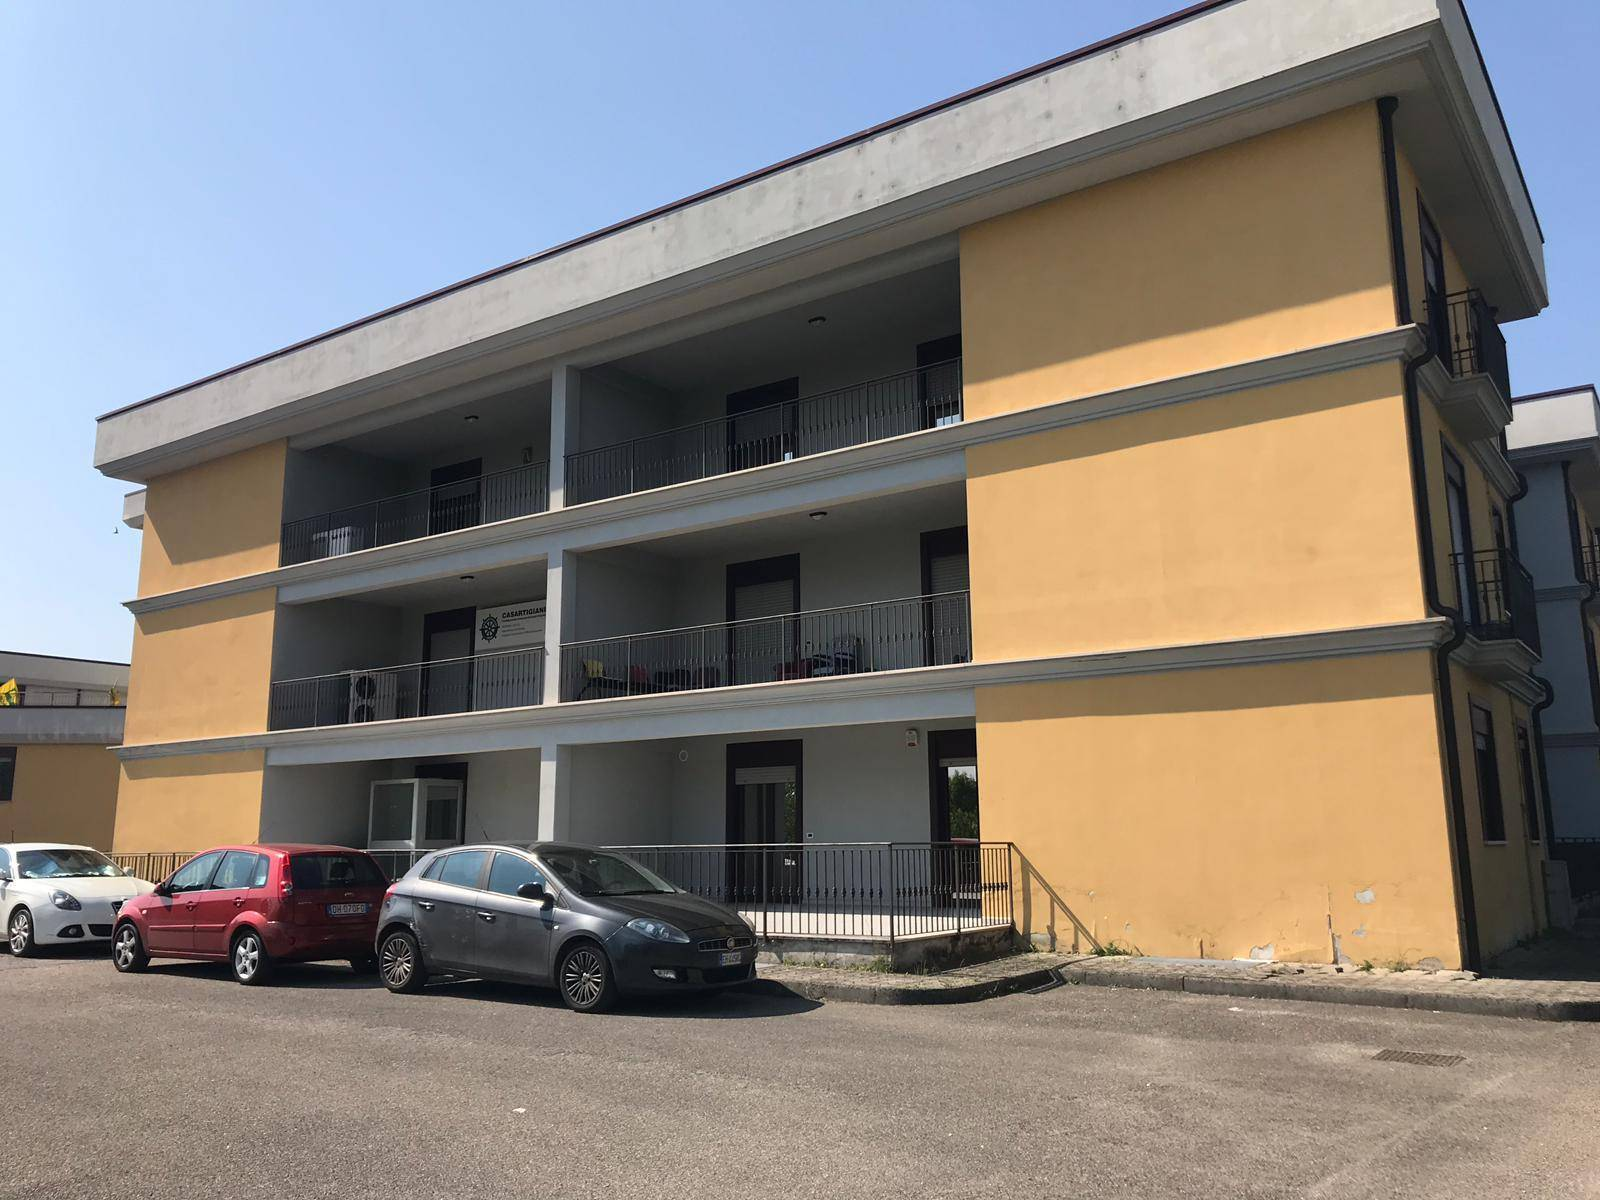 Ufficio / Studio in affitto a Benevento, 9999 locali, zona Zona: Mellusi/Atlantici, prezzo € 650 | CambioCasa.it